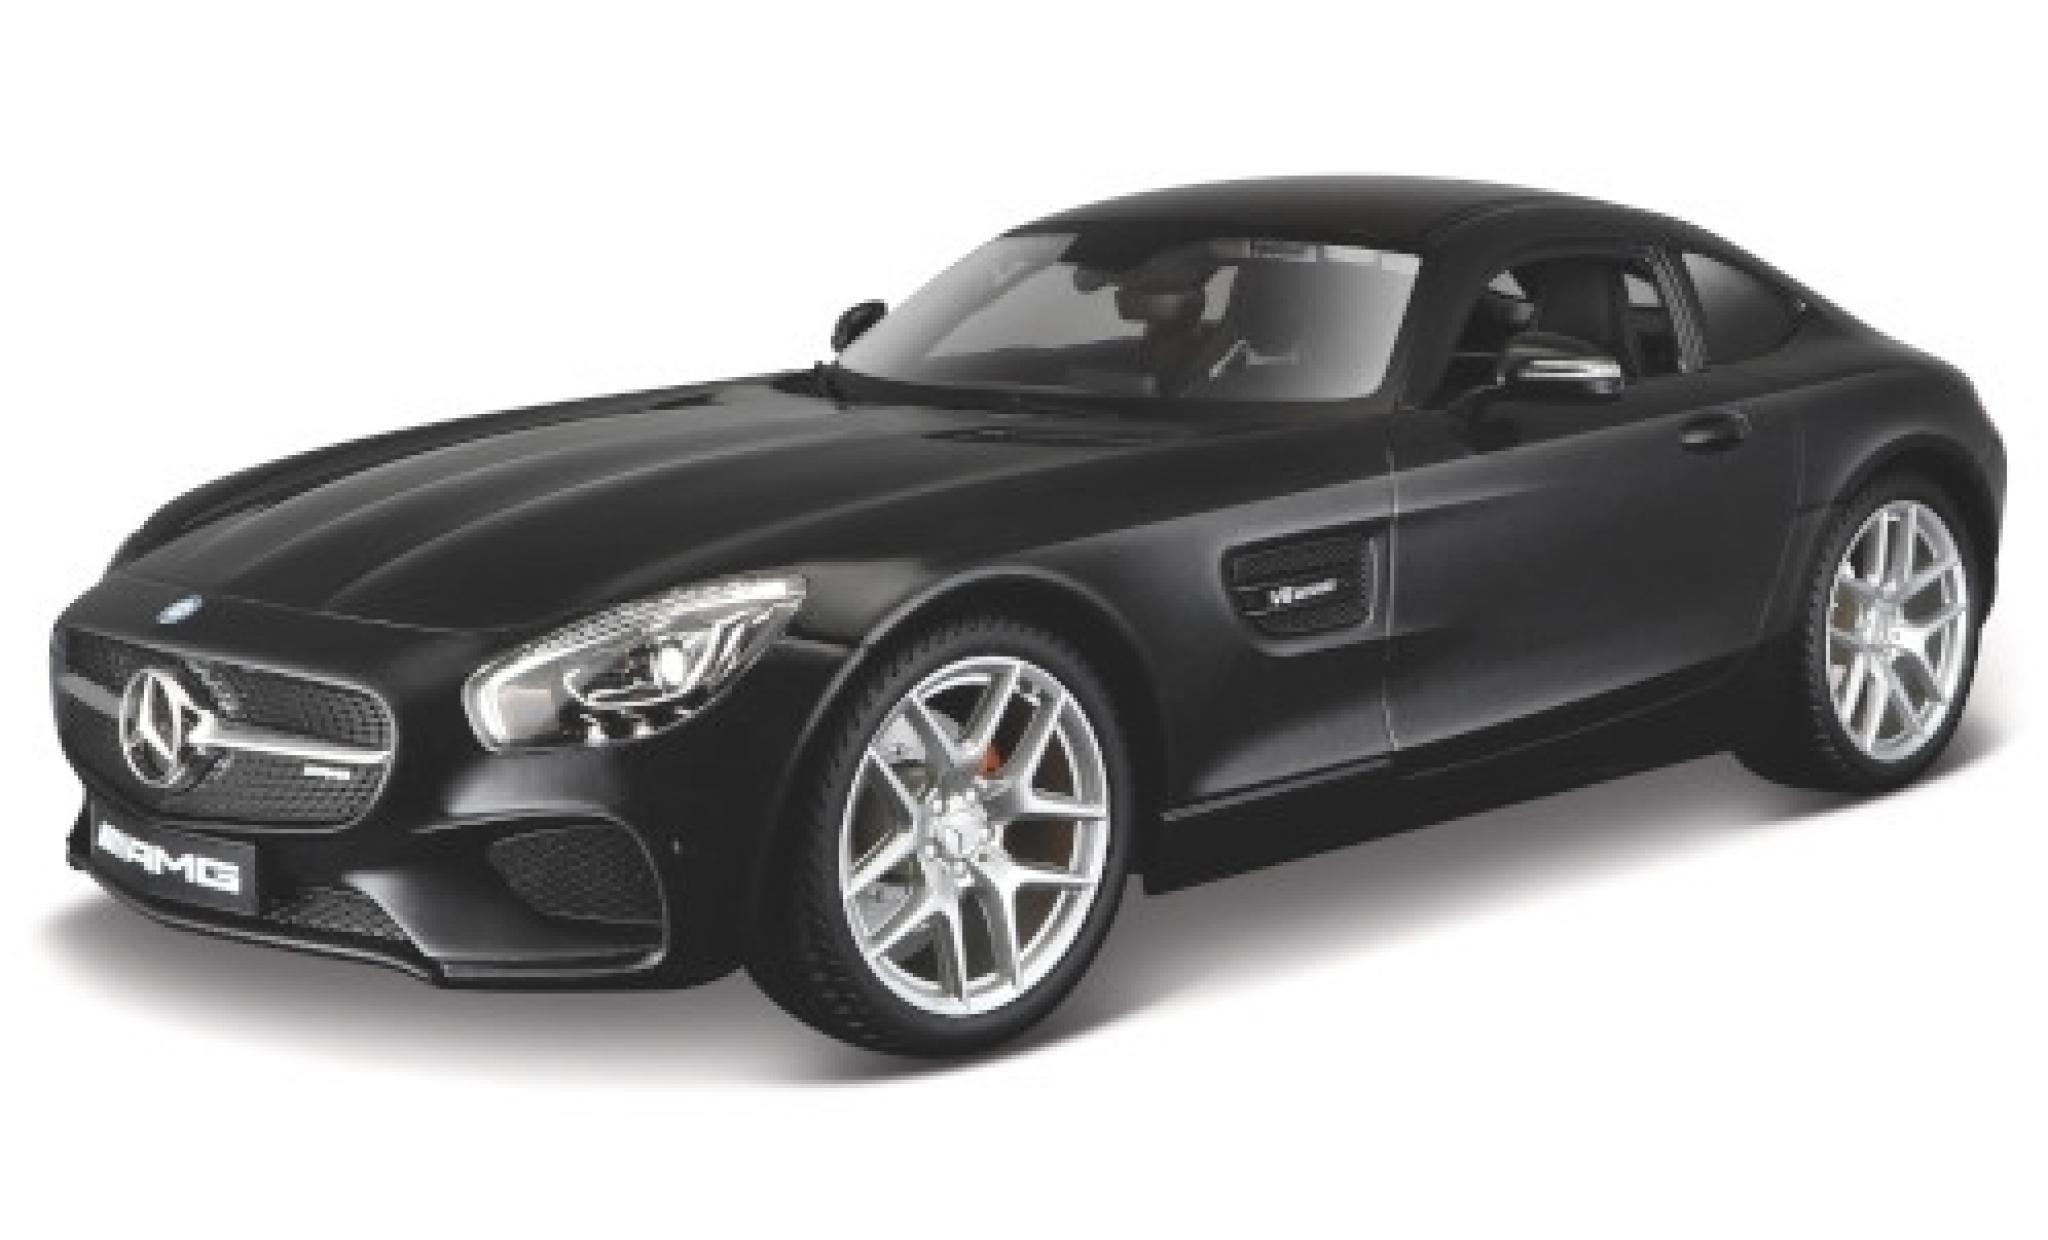 Mercedes AMG GT 1/18 Maisto (C190) metallise noire